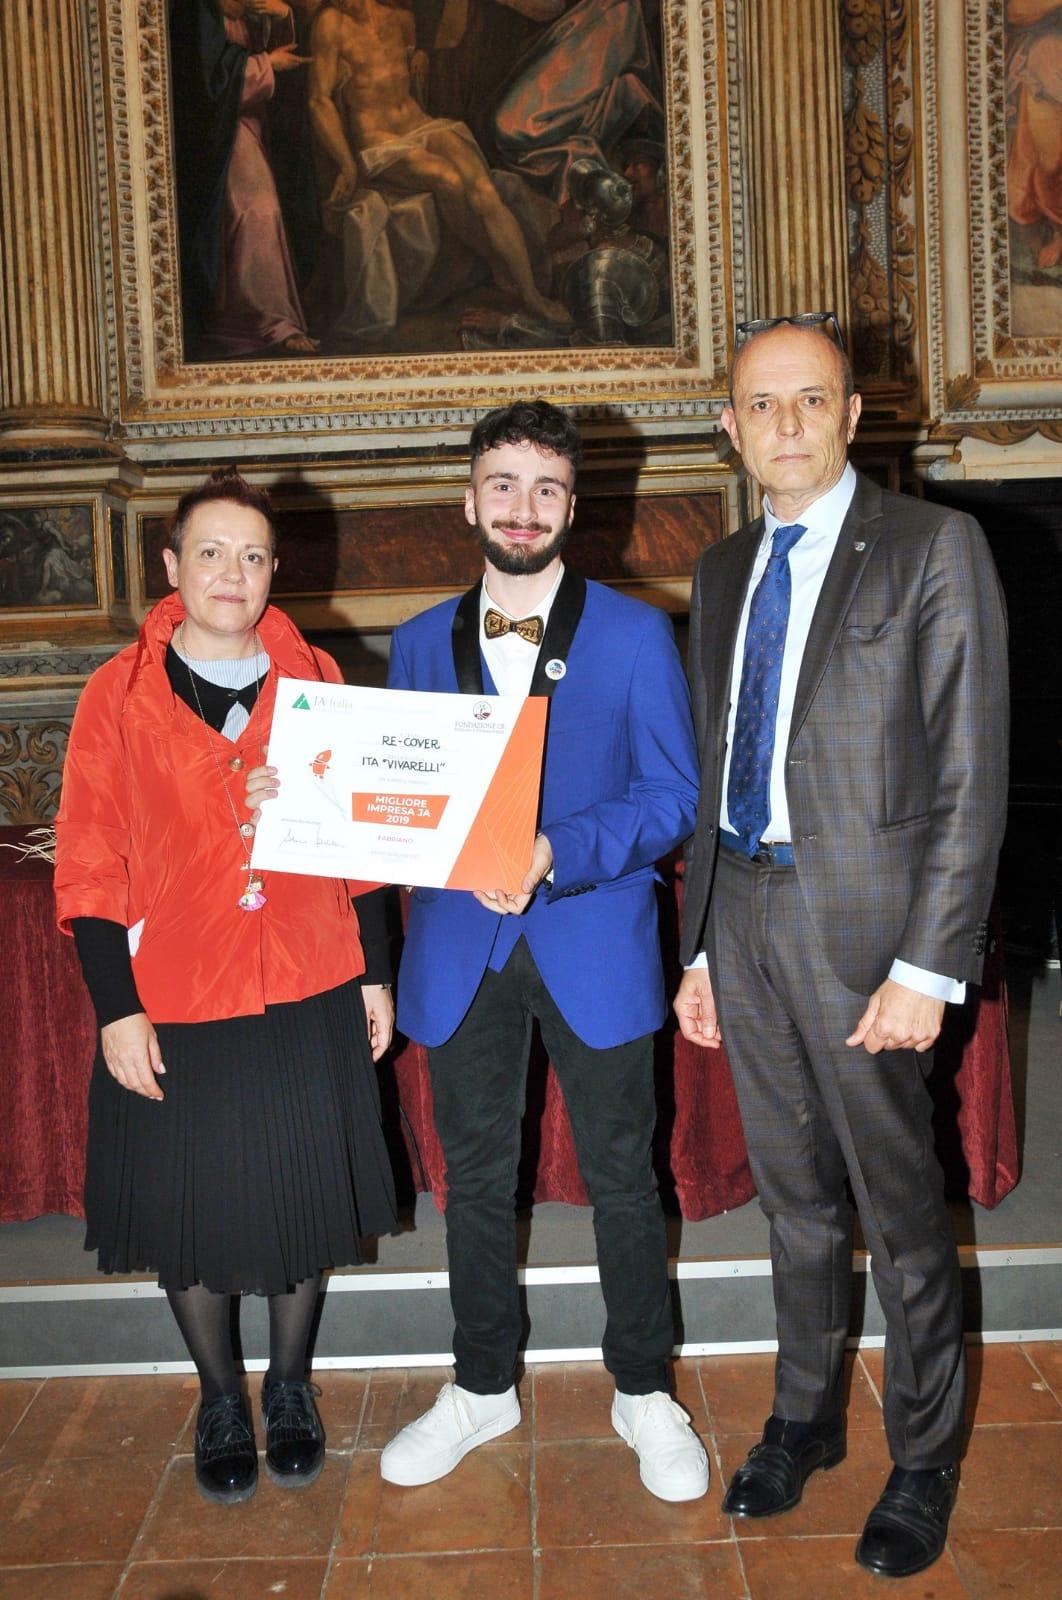 Re-Cover premiazione Pagnoncelli-Ottaviani foto